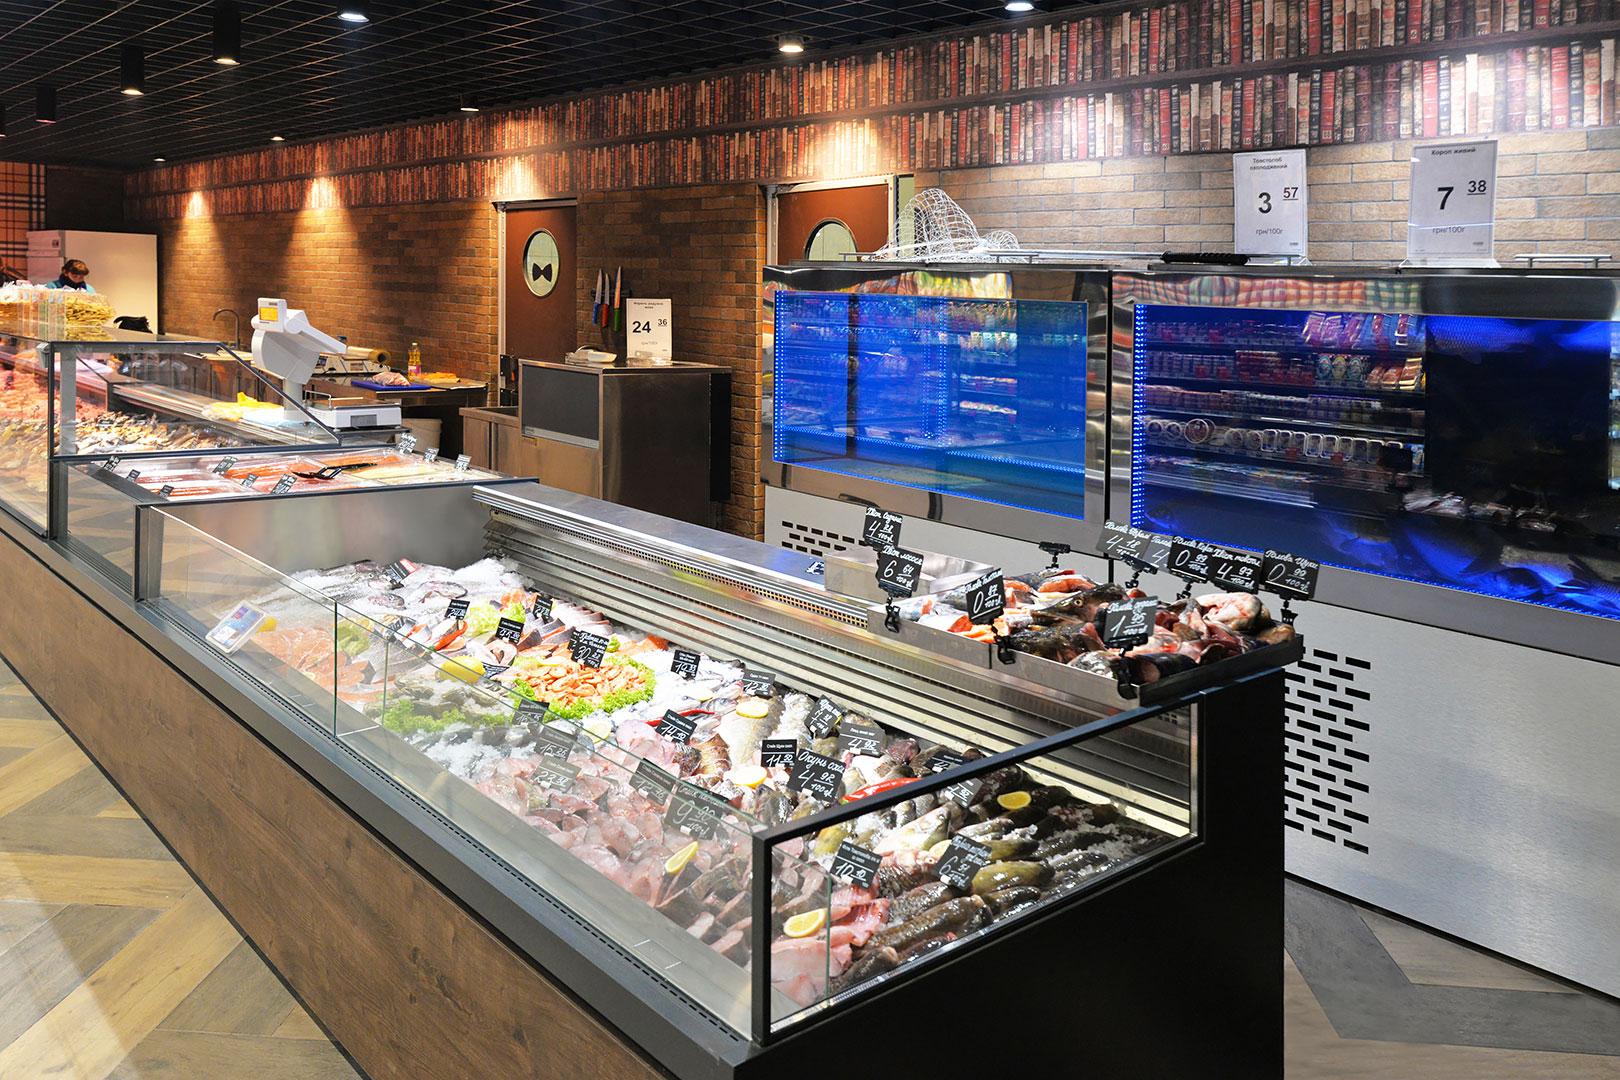 Специализированные витрины для продажи рыбы и морепродуктов Missouri MC 120 fish self 086-SLA, Missouri MC 120 ice self 086-SLM